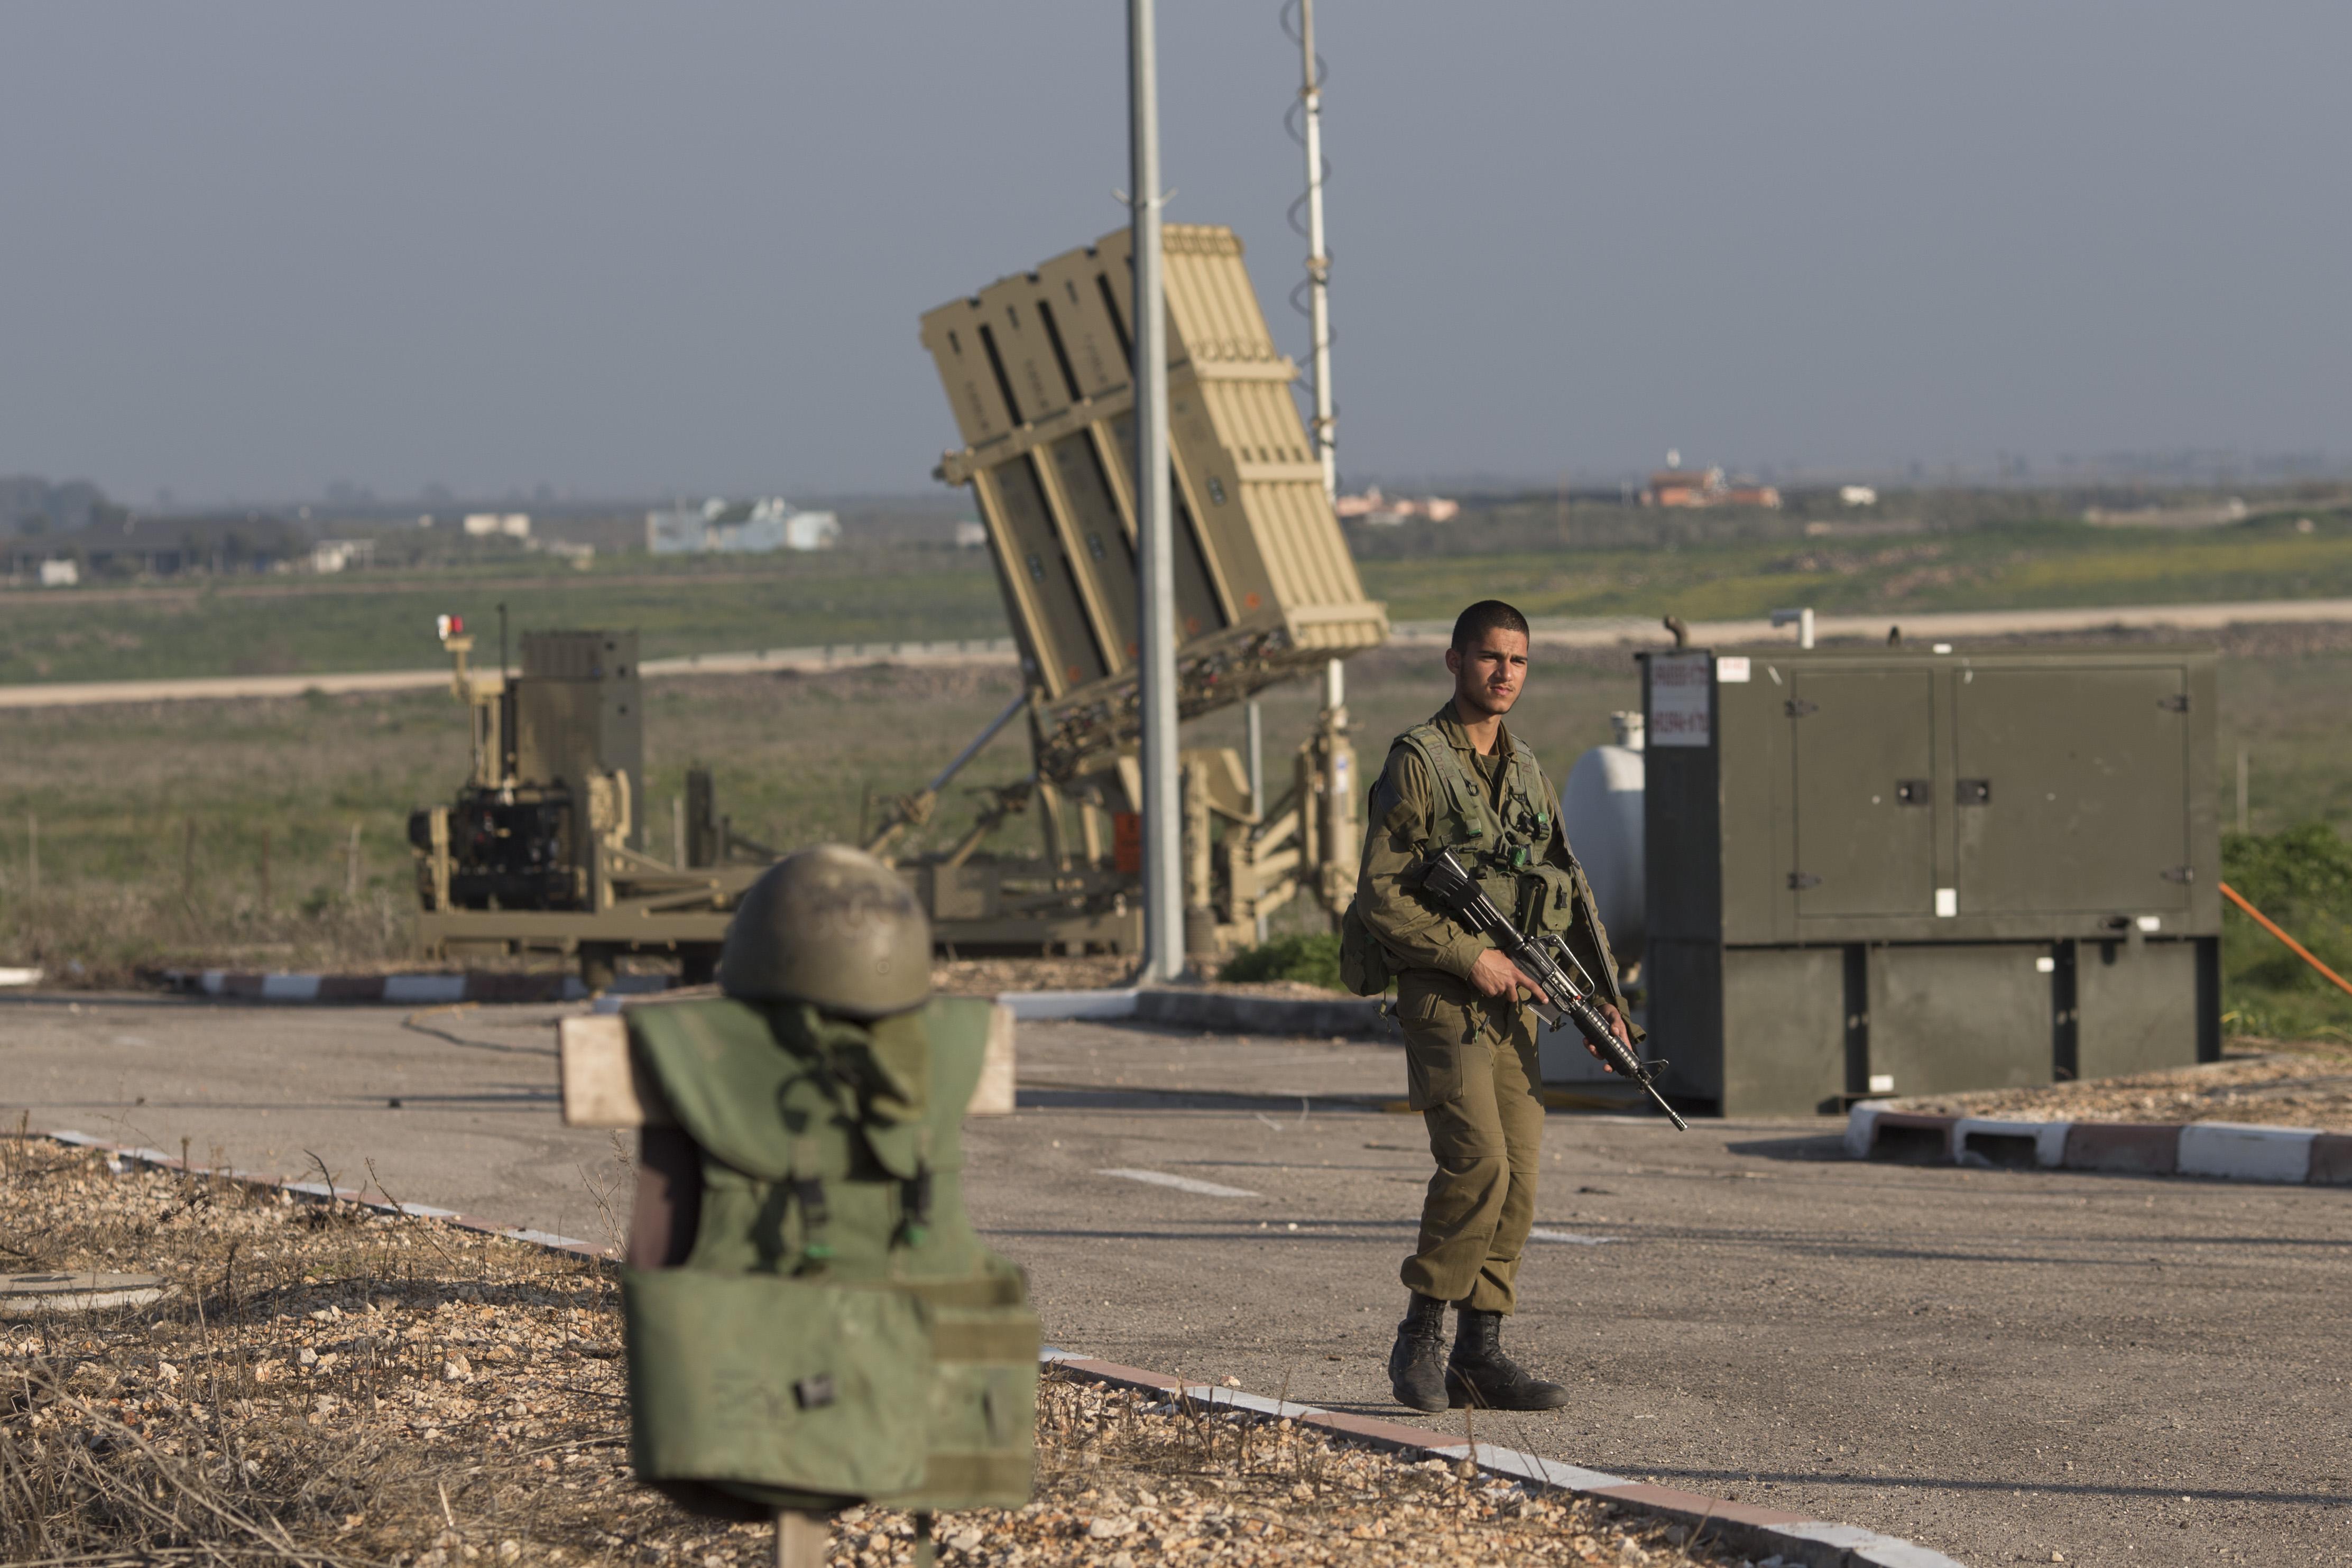 Ισραηλινός στρατιώτης μπροστά σε συστοιχία του αντιπυραυλικού συστήματος «Σιδερένιος Θόλος».